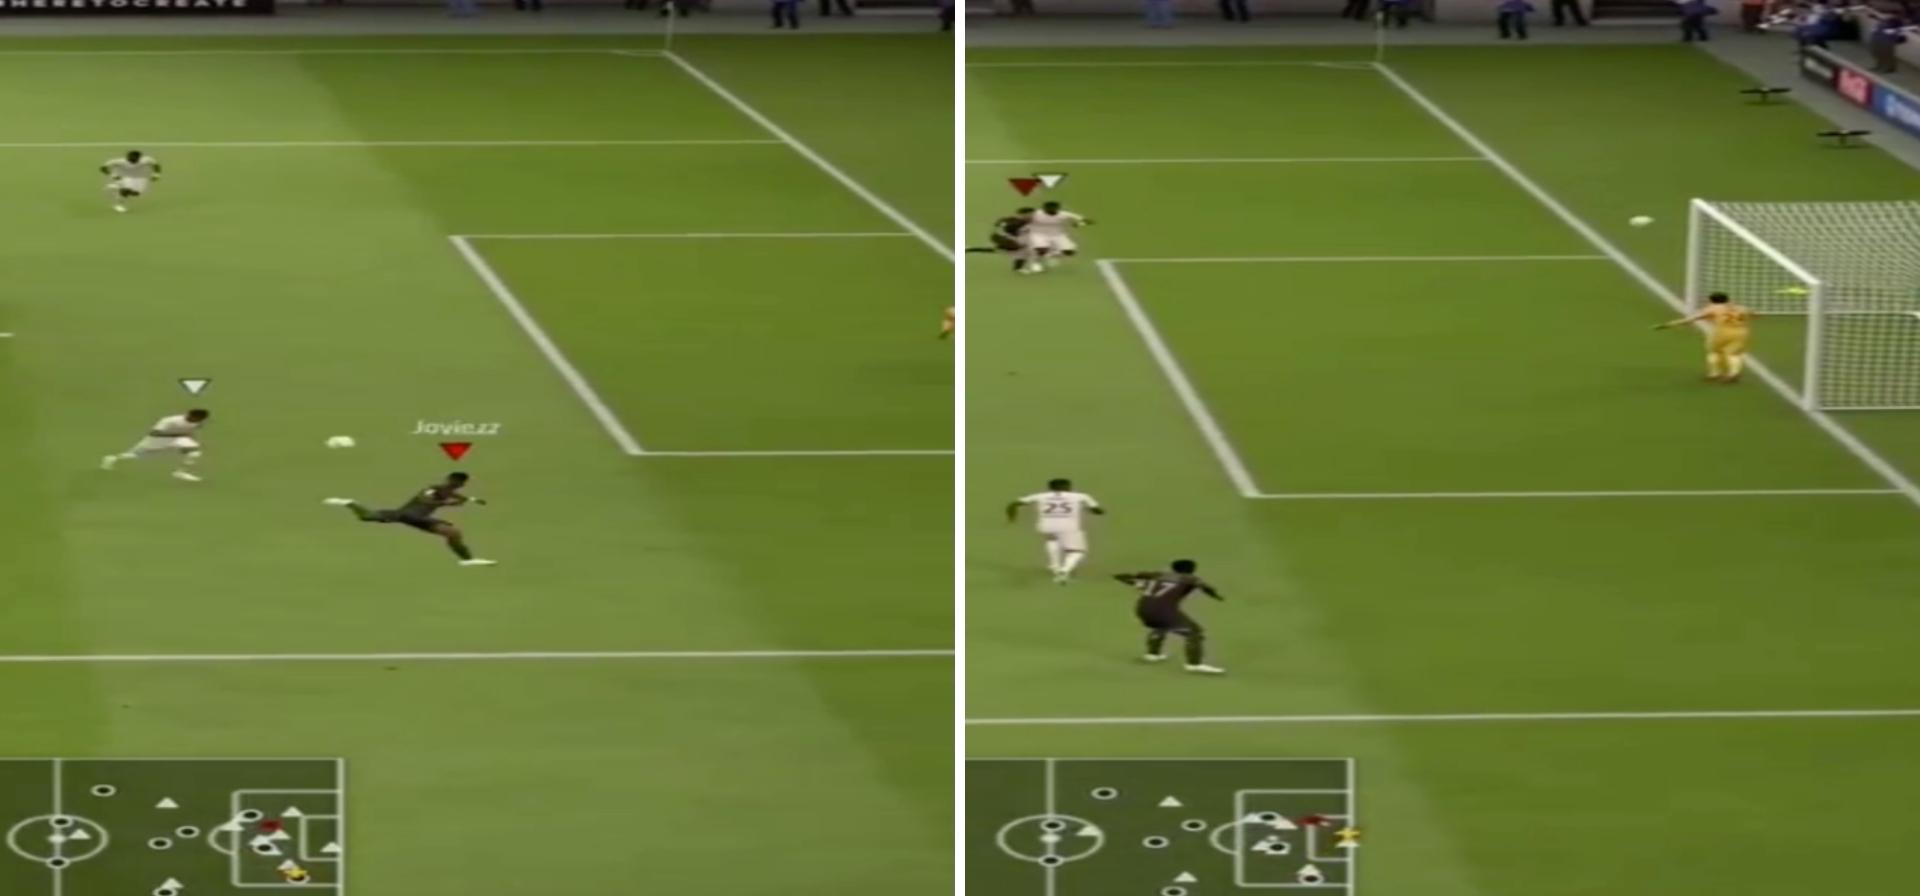 FIFA 19 Player Scores Most Outrageous Scorpion Kick With Ousmane Dembélé